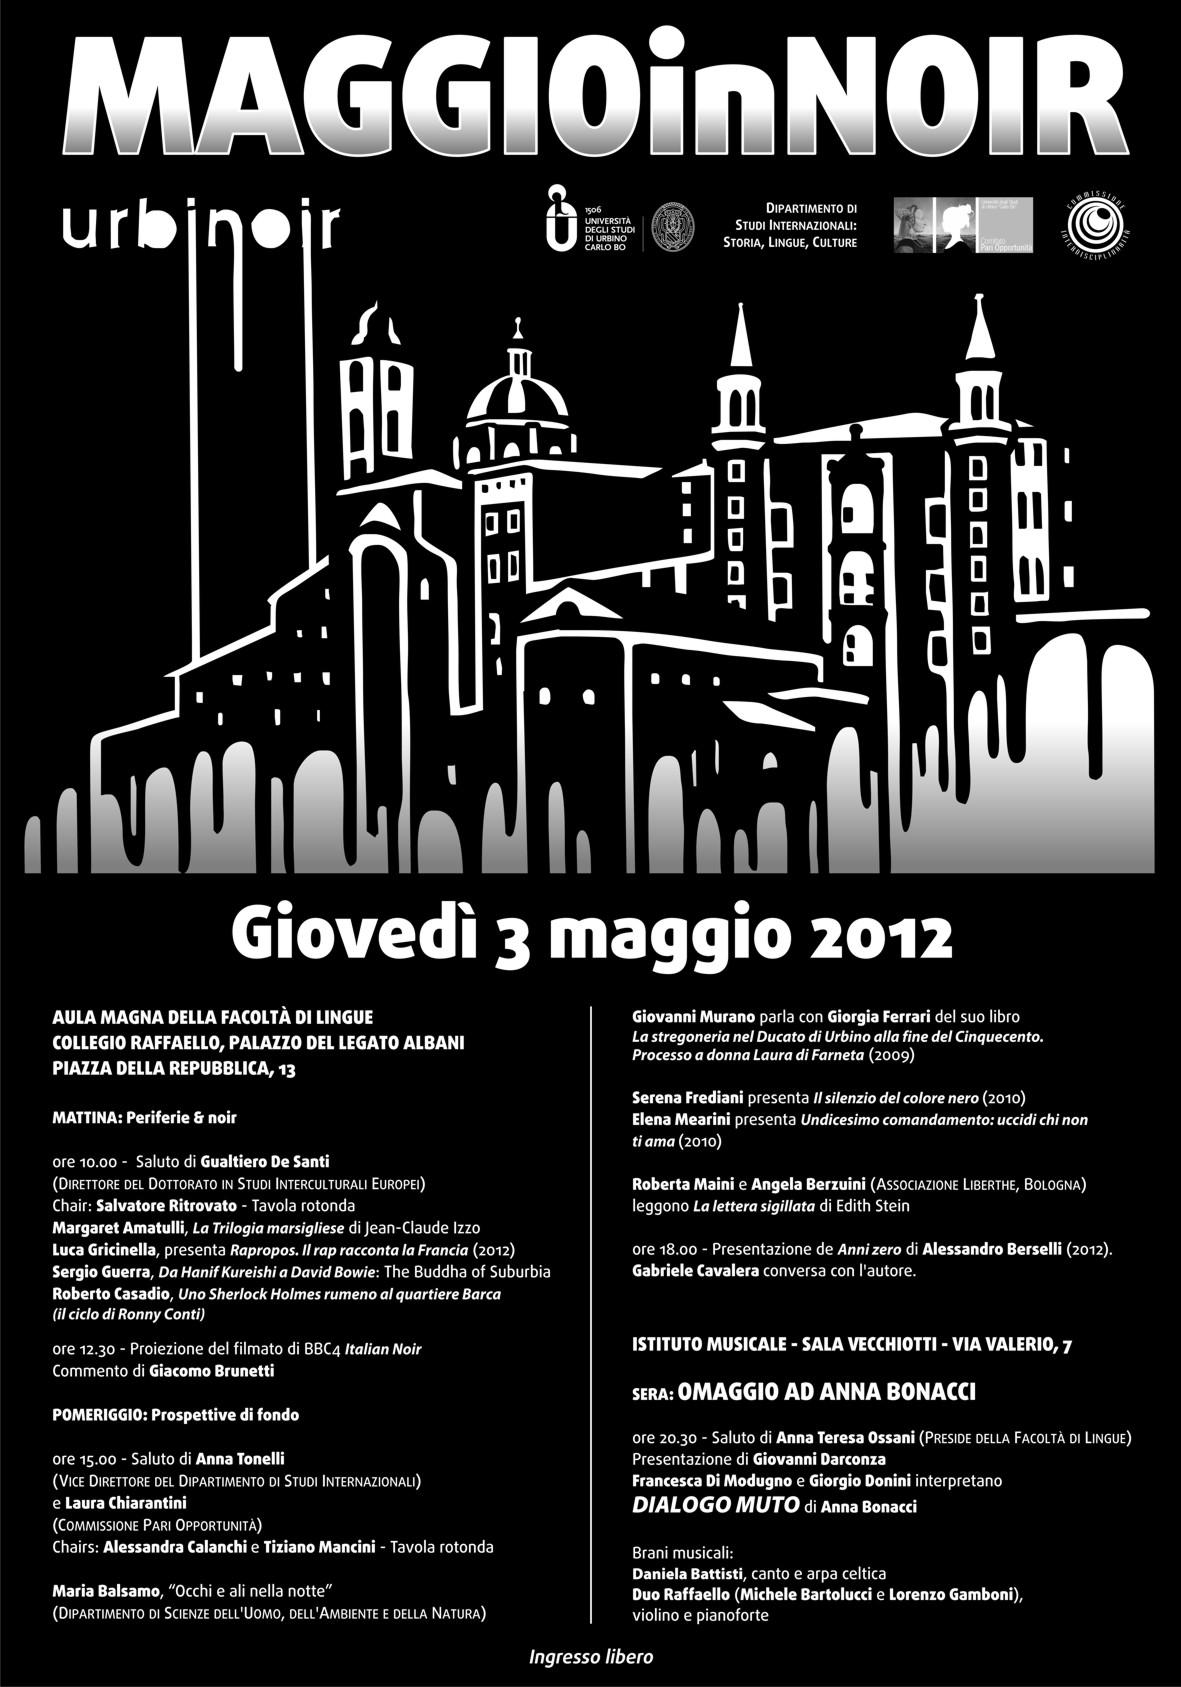 8-MAGGIOinNOIR-2011